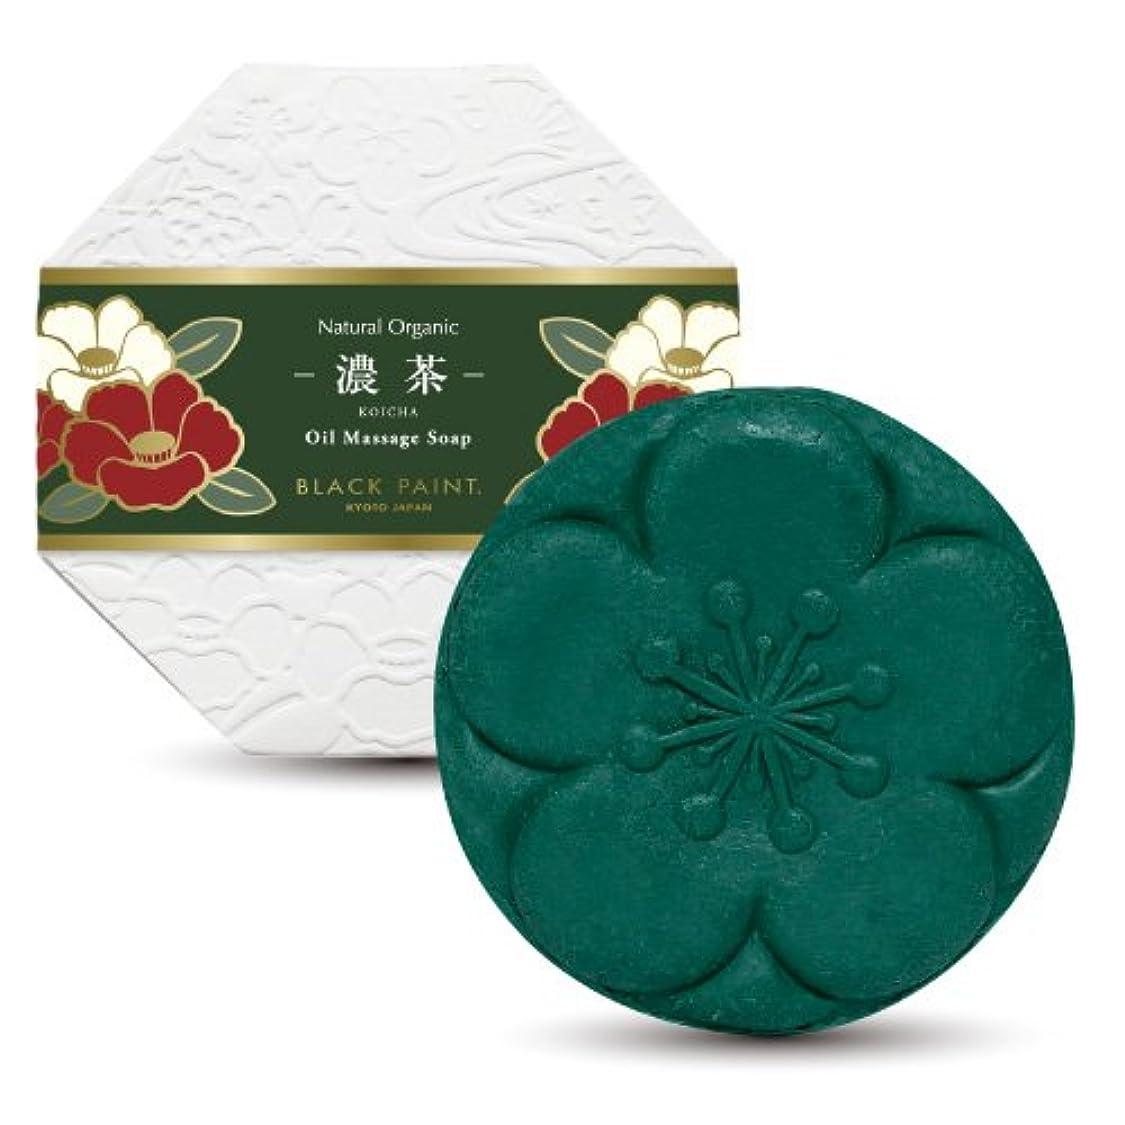 マーガレットミッチェルヒステリック頑張る京のお茶石鹸 濃茶 120g 塗る石鹸